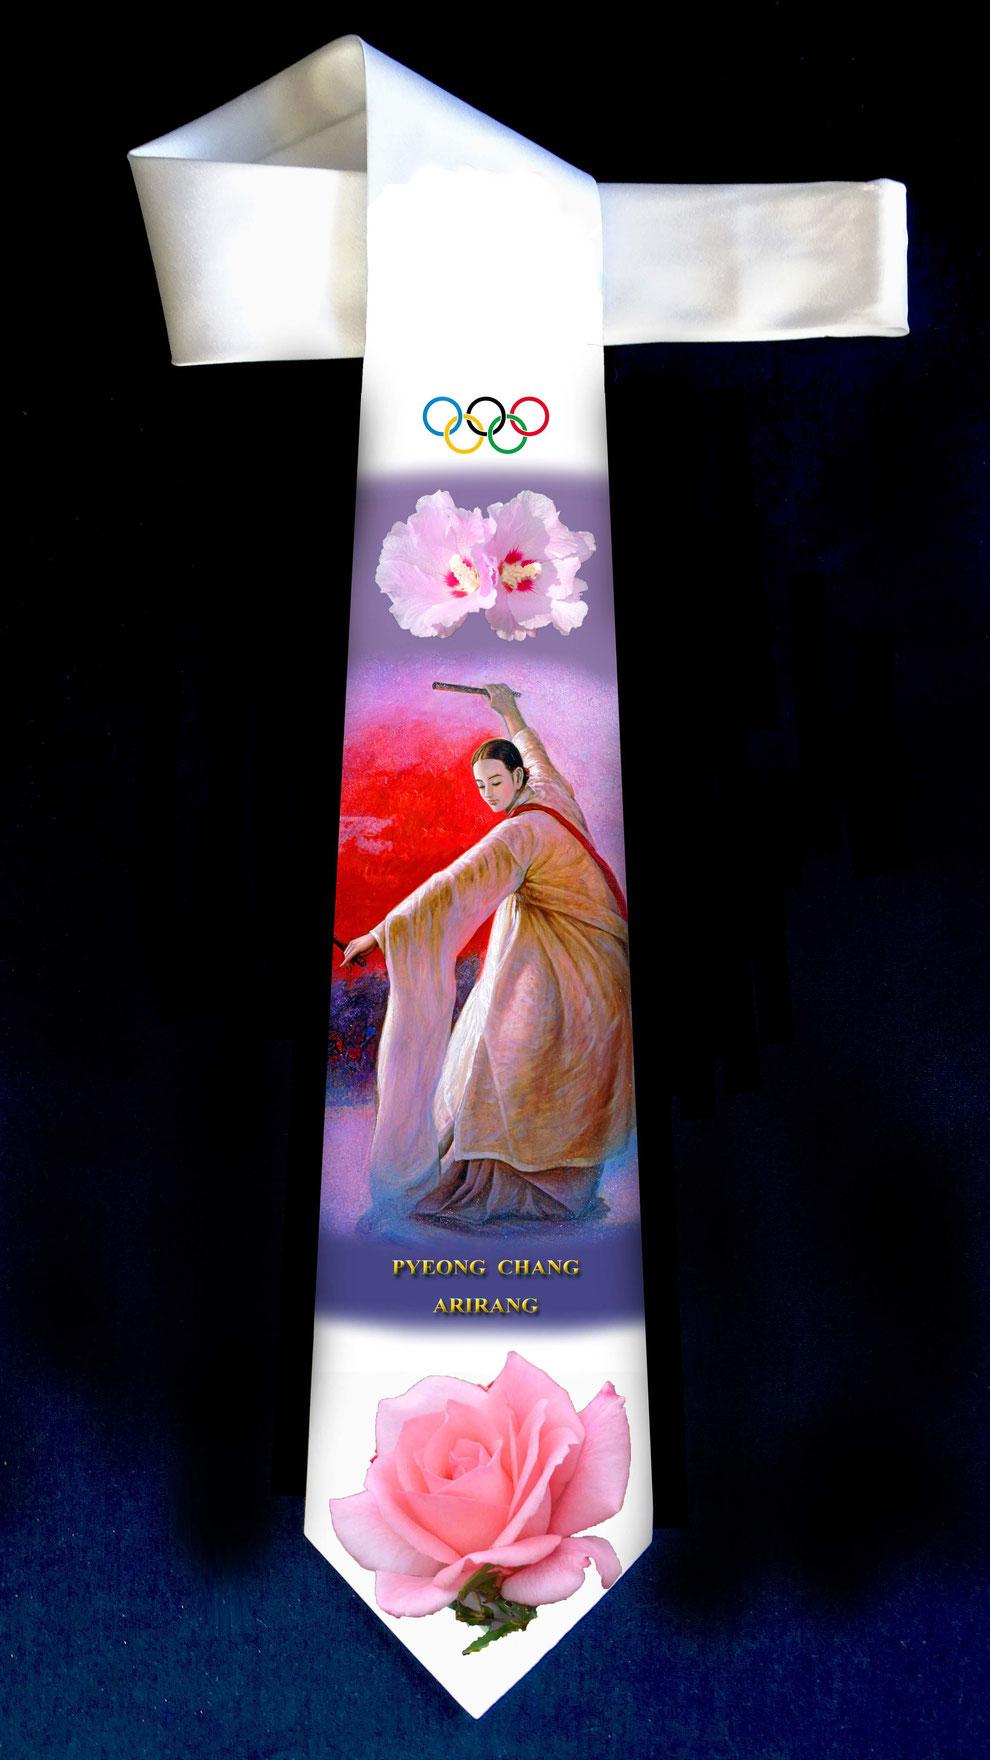 2018 평창 아리랑 올림픽